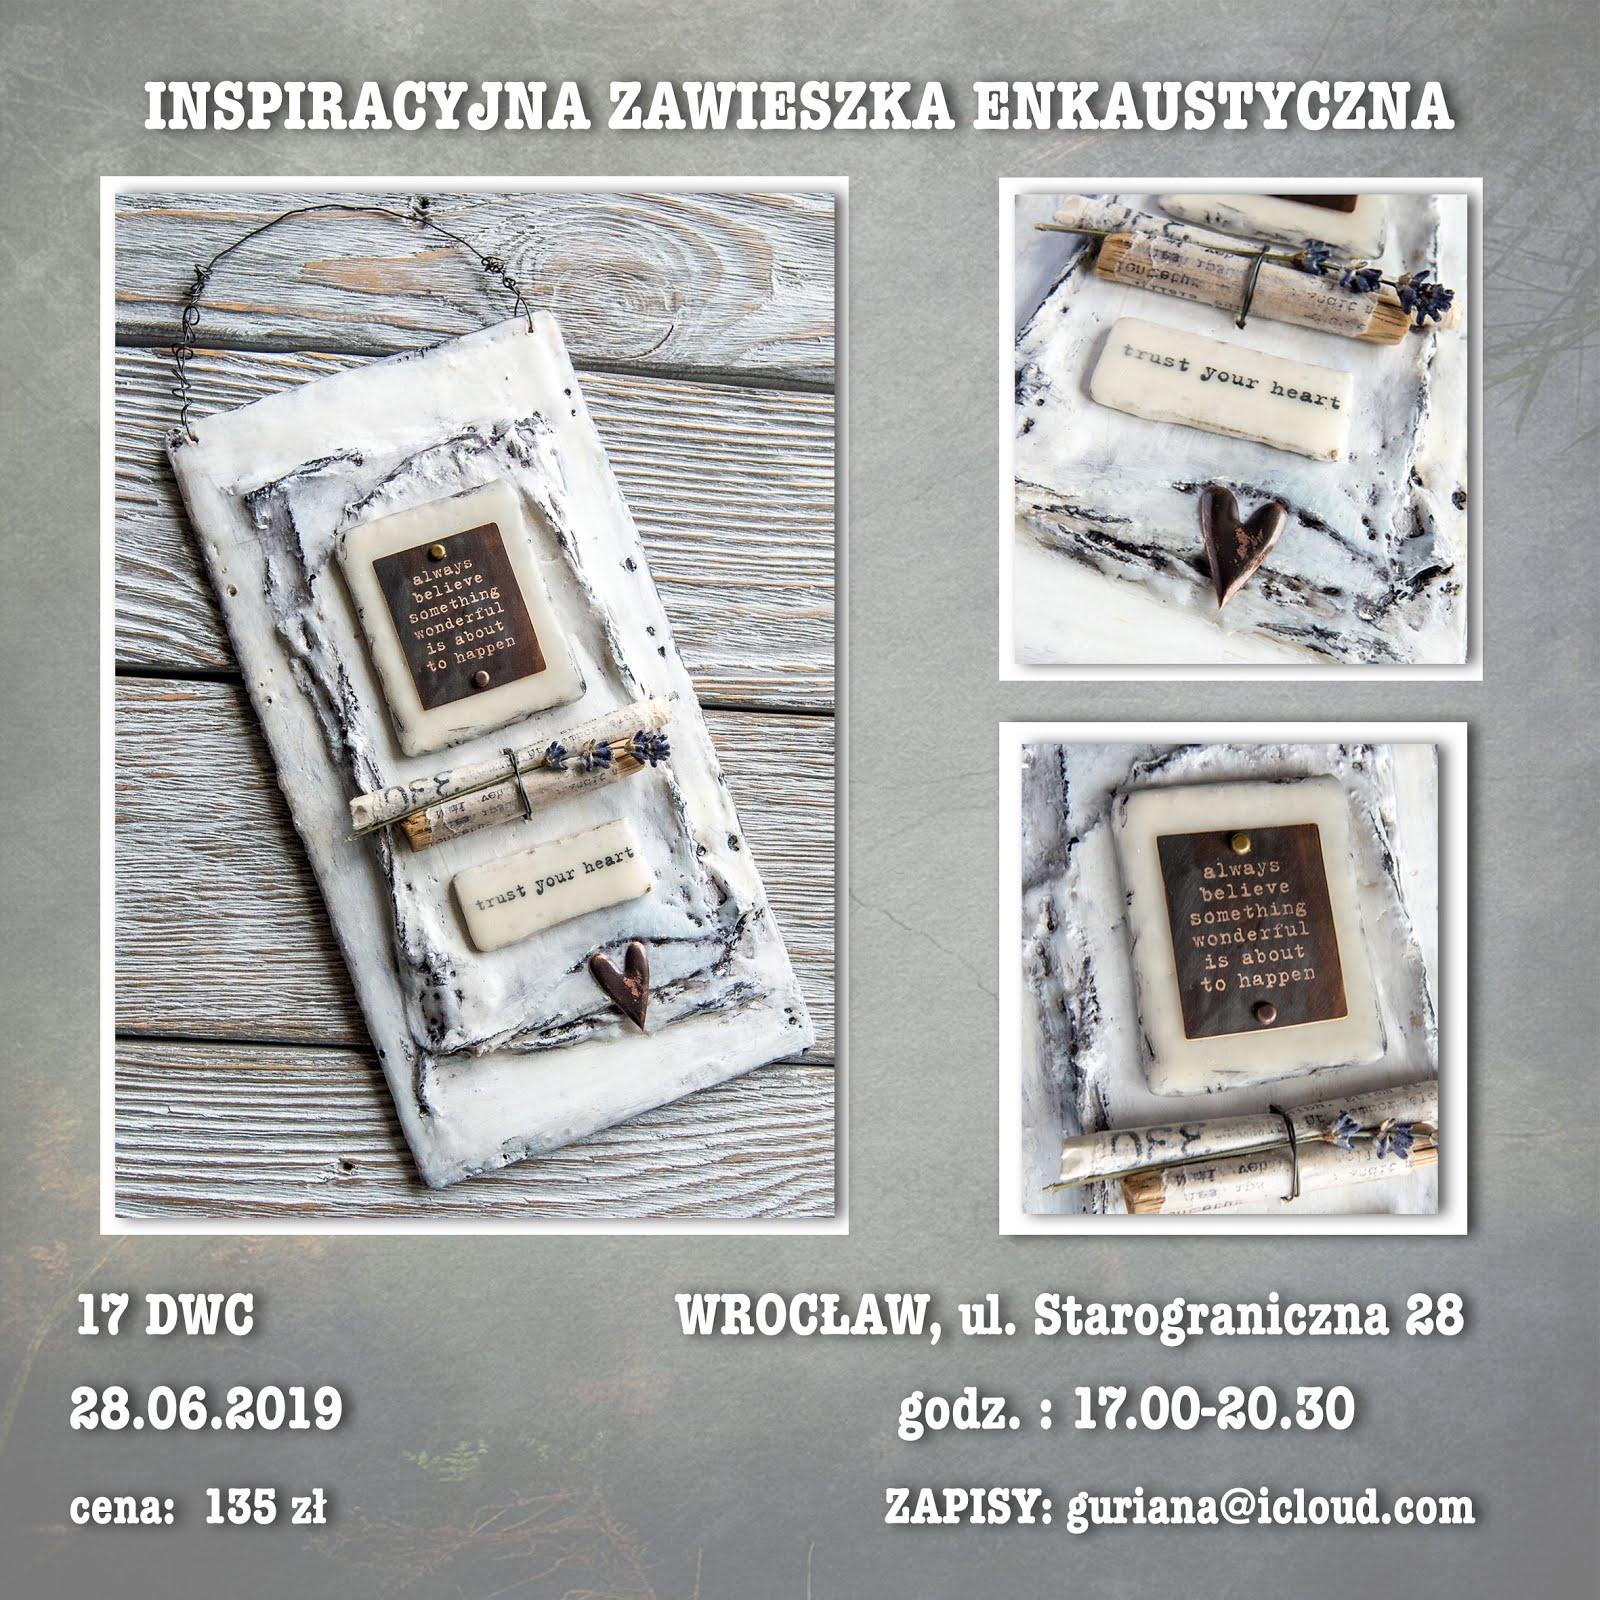 17 DWC Wrocław Enkaustyczna zawieszka inspiracyjna